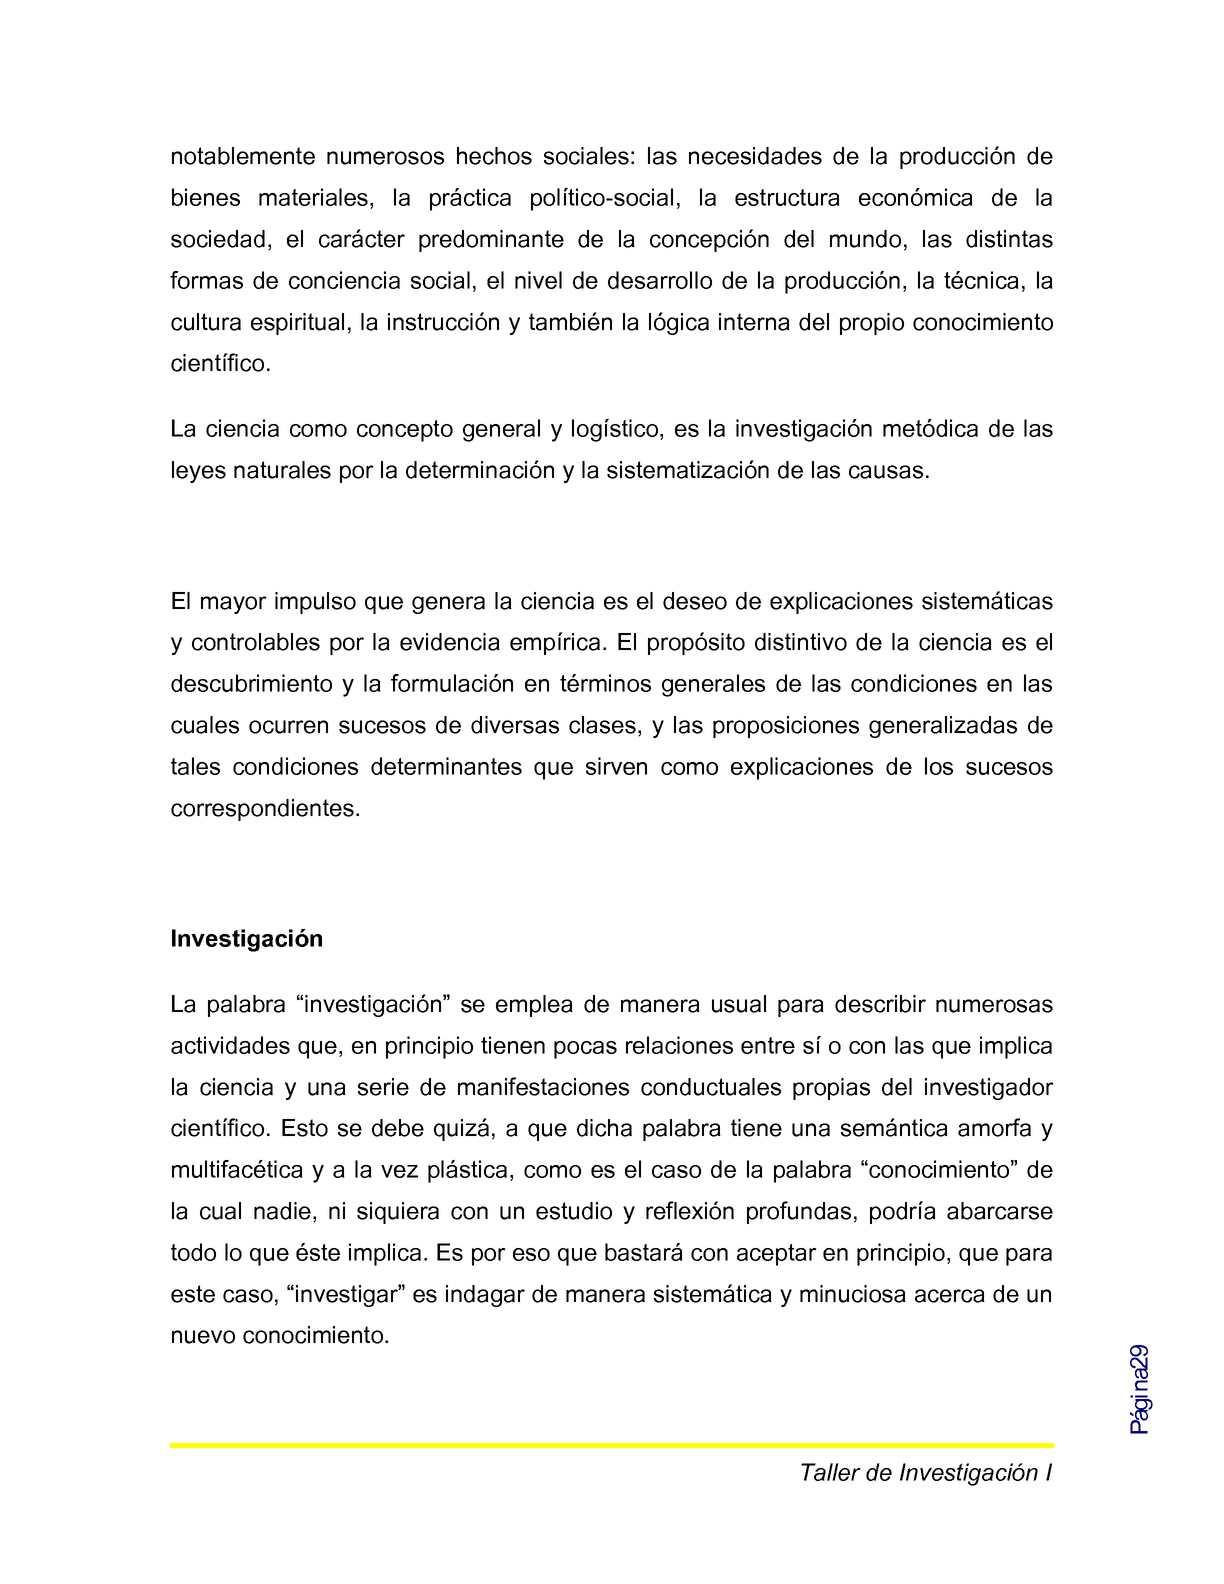 ANTOLOGÍA DE TALLER DE INVESTIGACIÓN I - CALAMEO Downloader